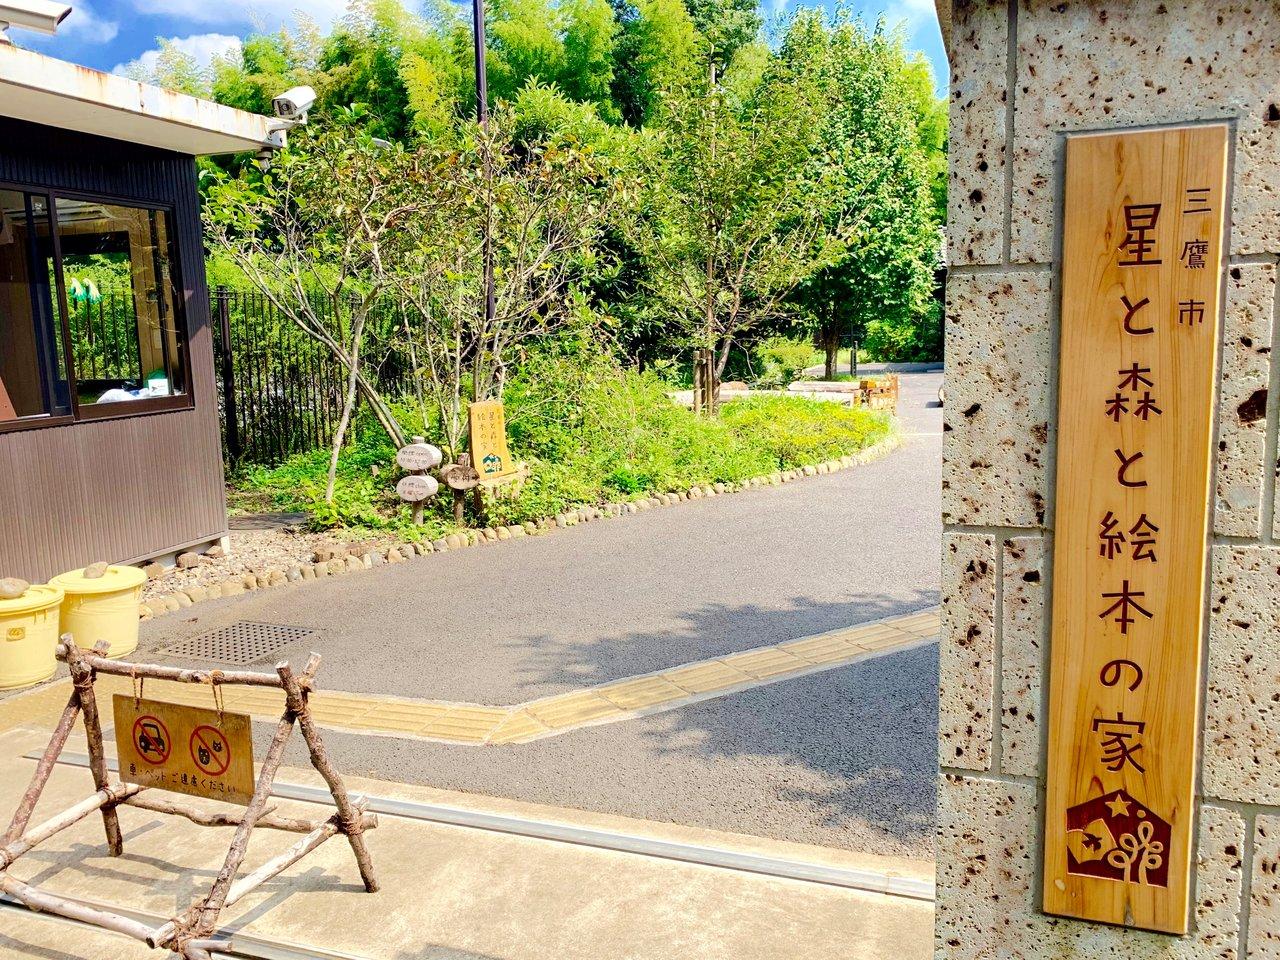 【東京】絵本を通して世界を広げよう!「三鷹市星と森と絵本の家」